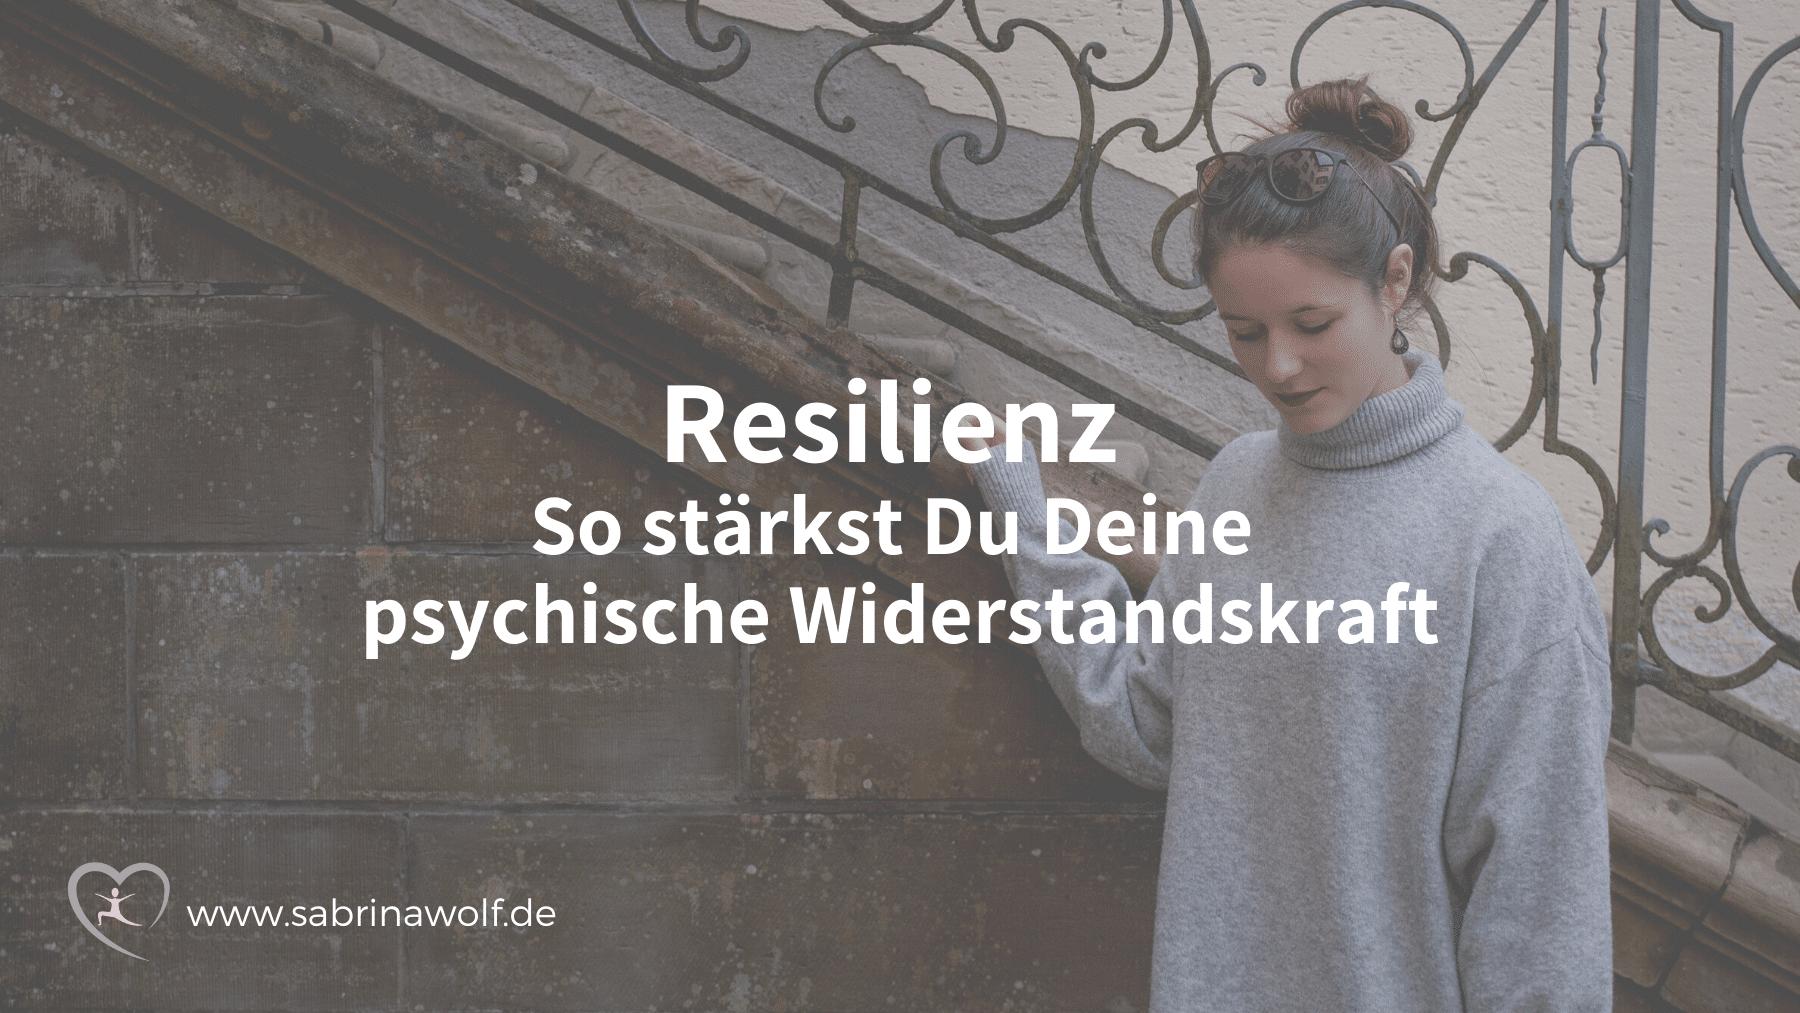 Resilienz - So stärkst Du Deine psychische Widerstandskraft